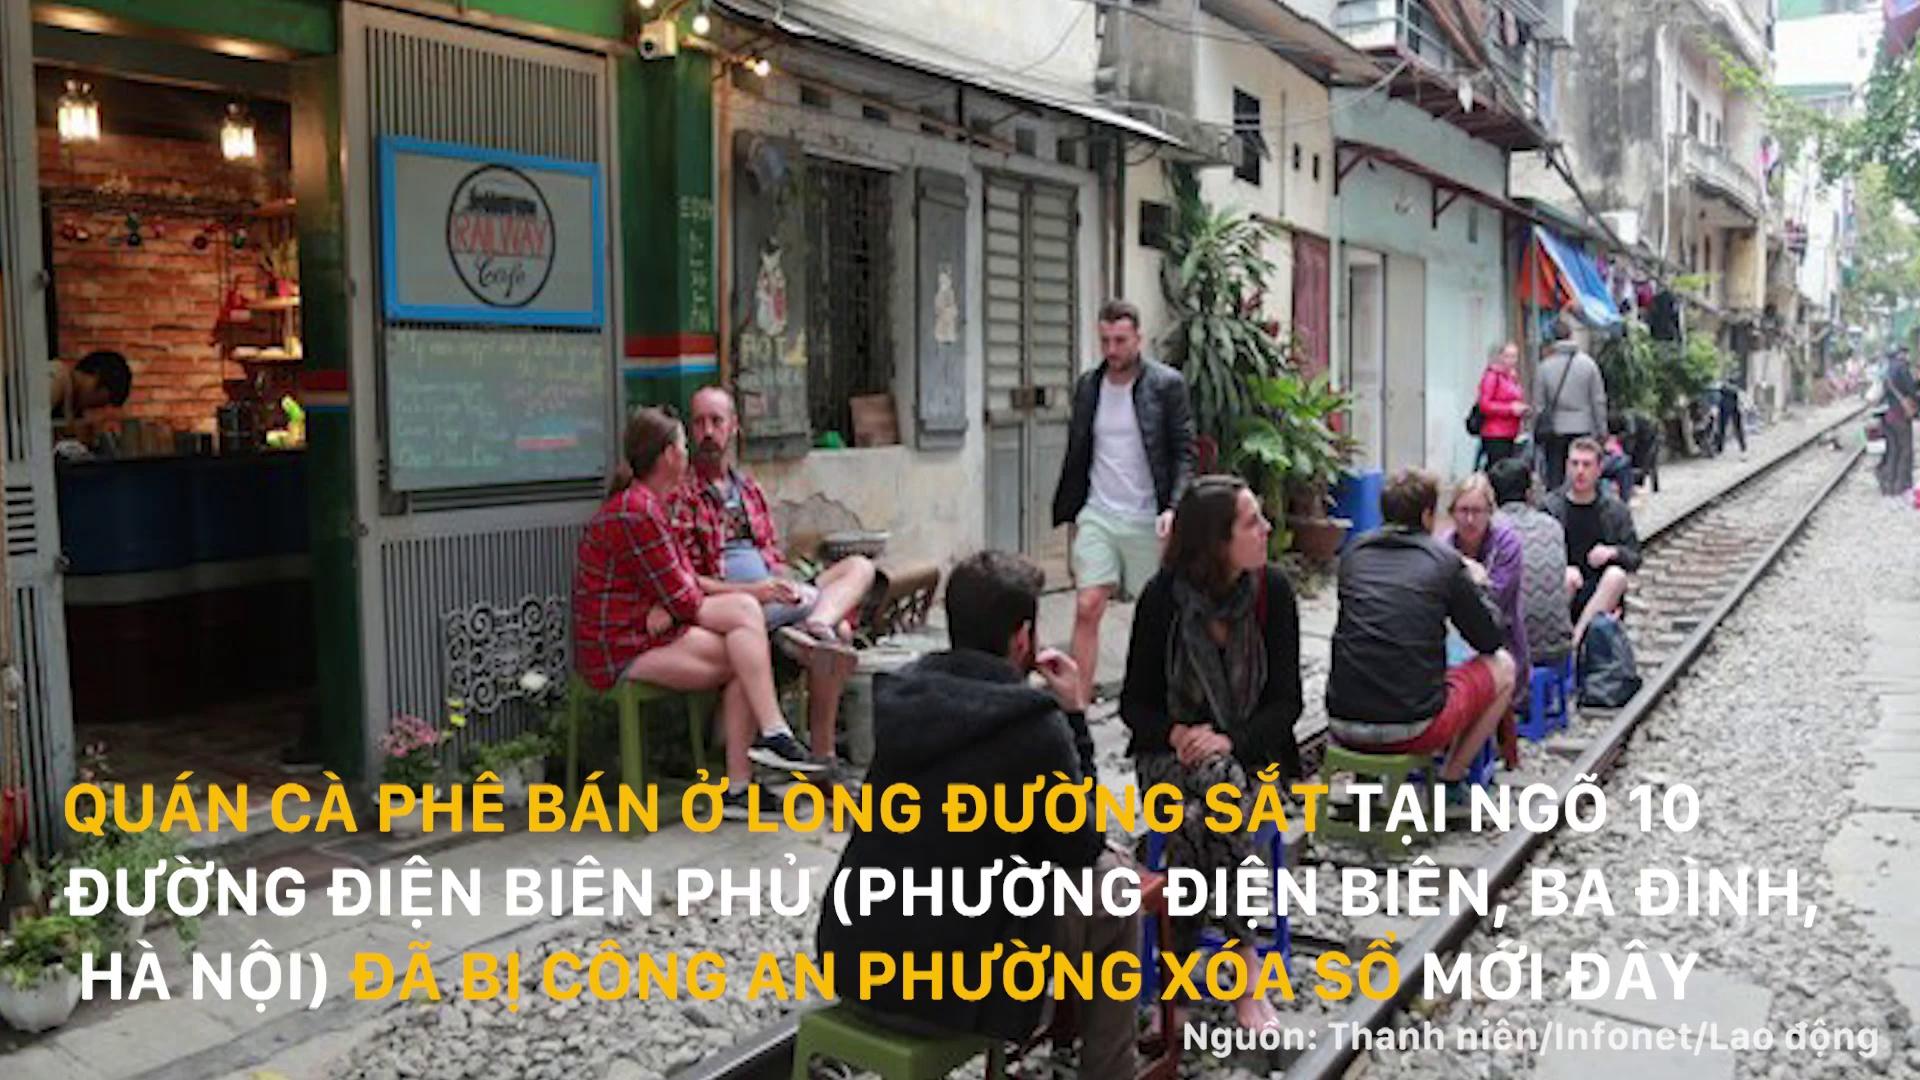 Quán cà phê đường tàu ở Hà Nội gây xôn xao